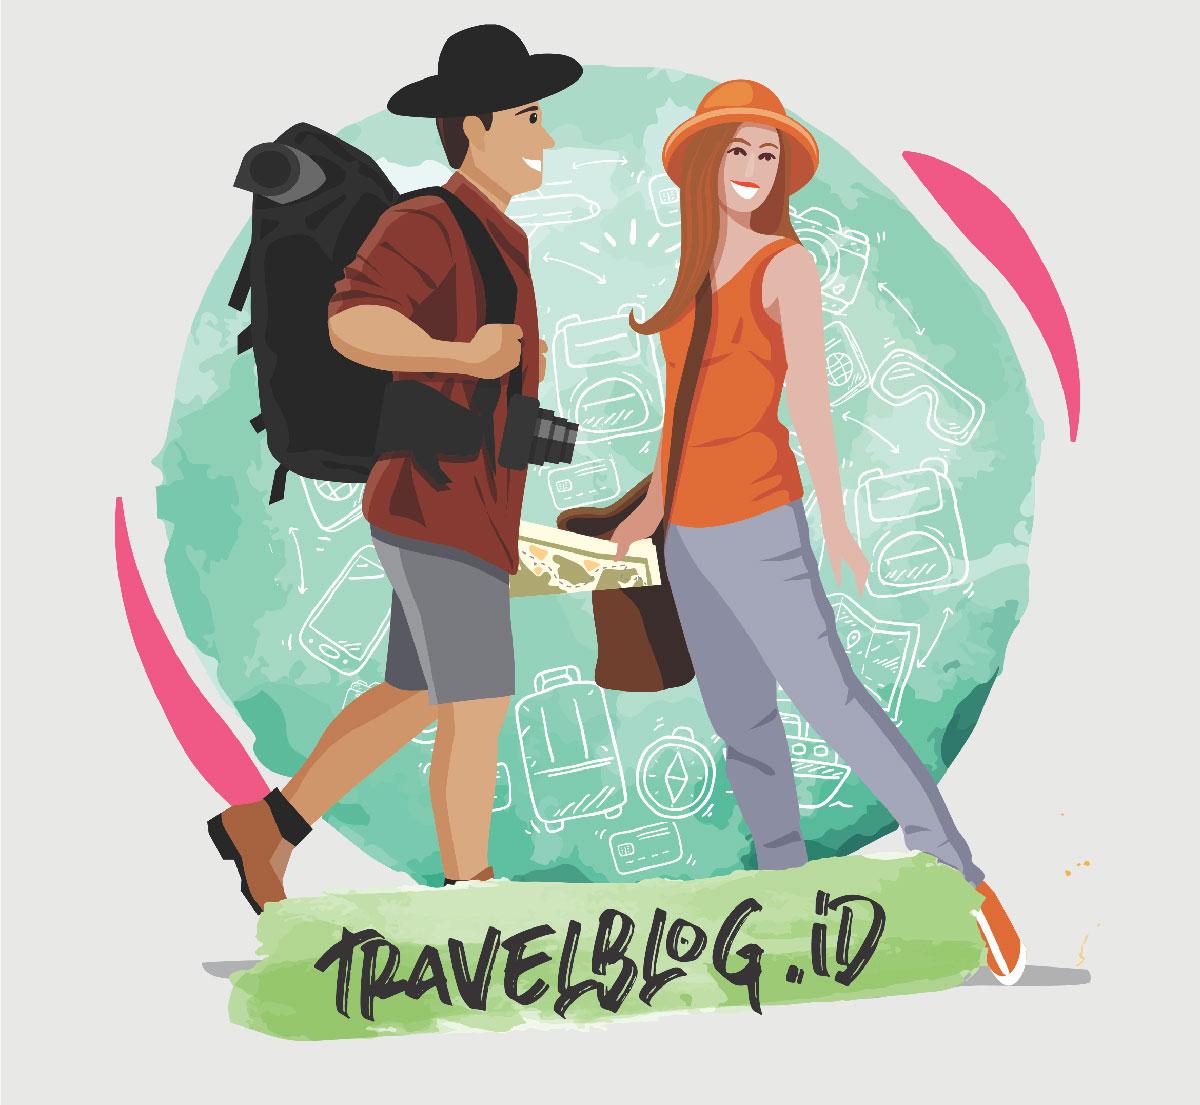 Travelblog.id, Situs Berbagi Cerita Indahnya Indonesia 2